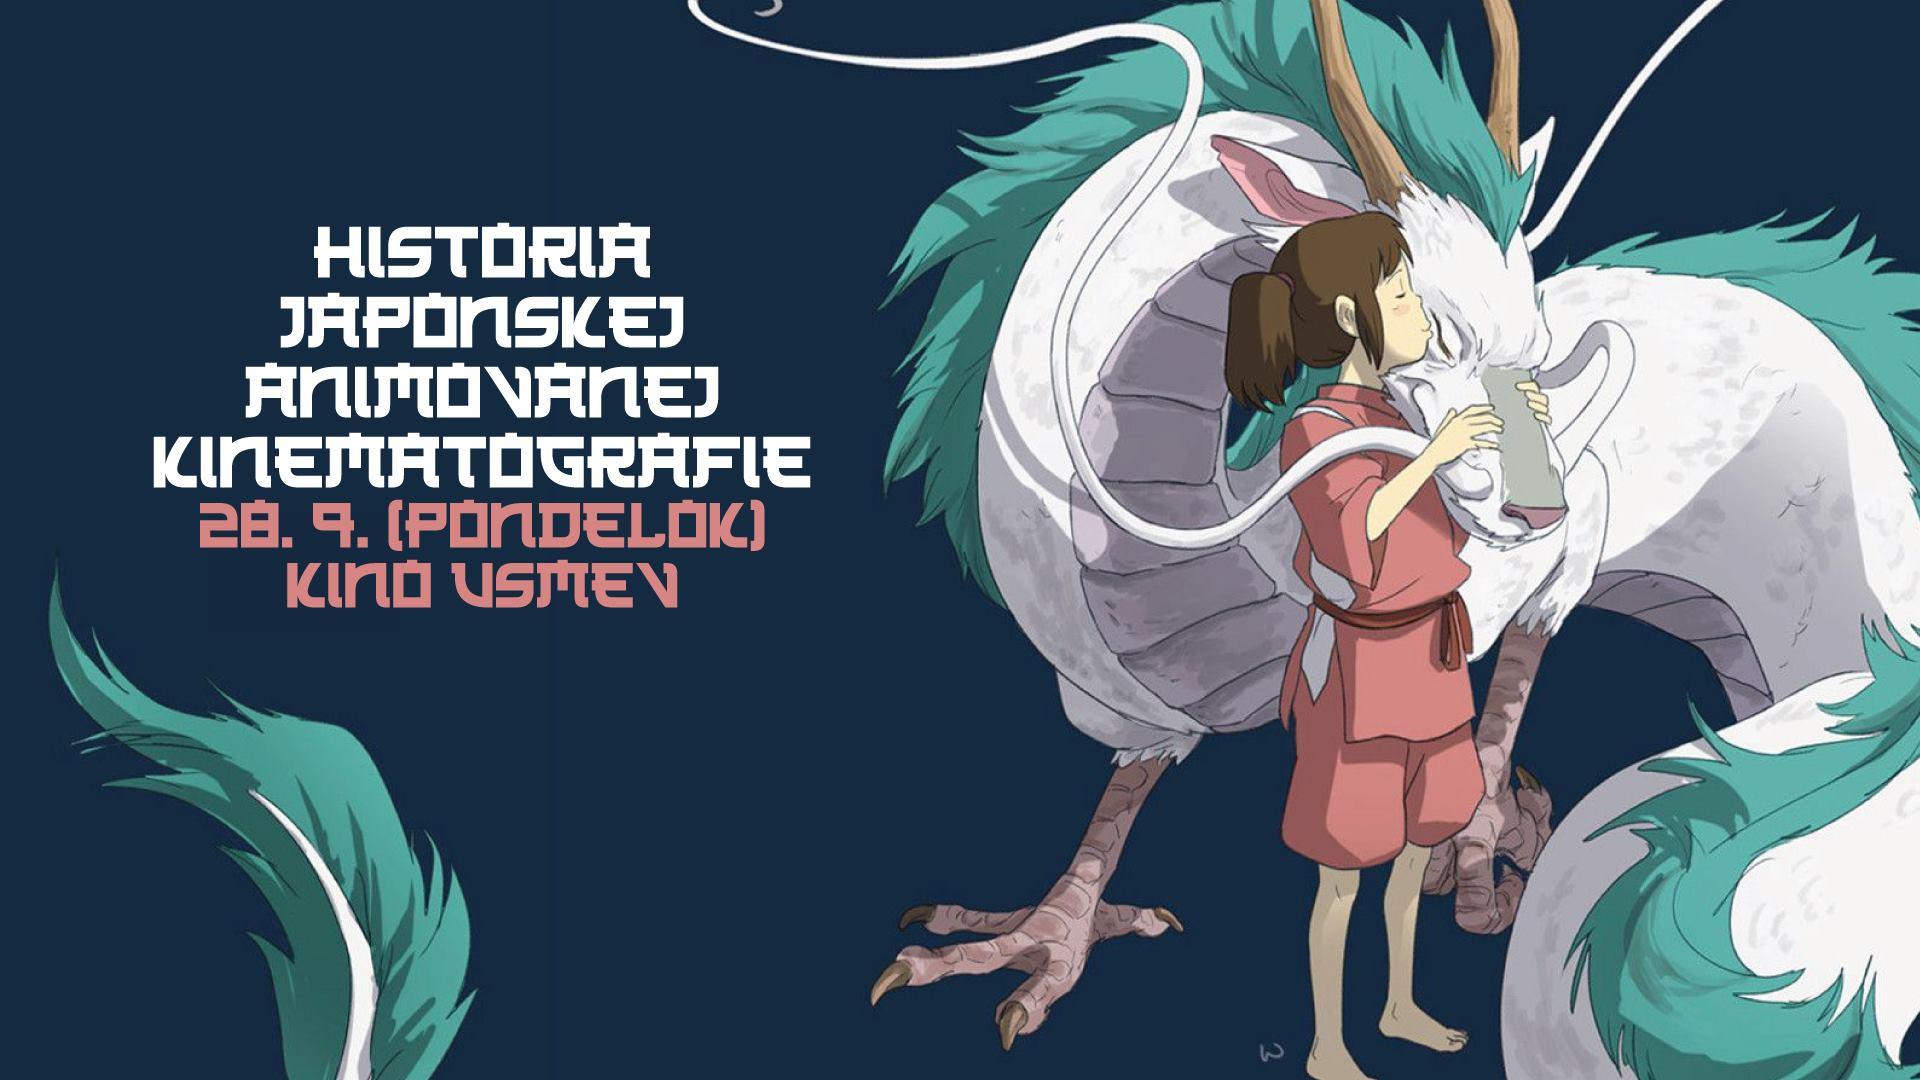 História japonskej animovanej kinematografie | Kino Úsmev